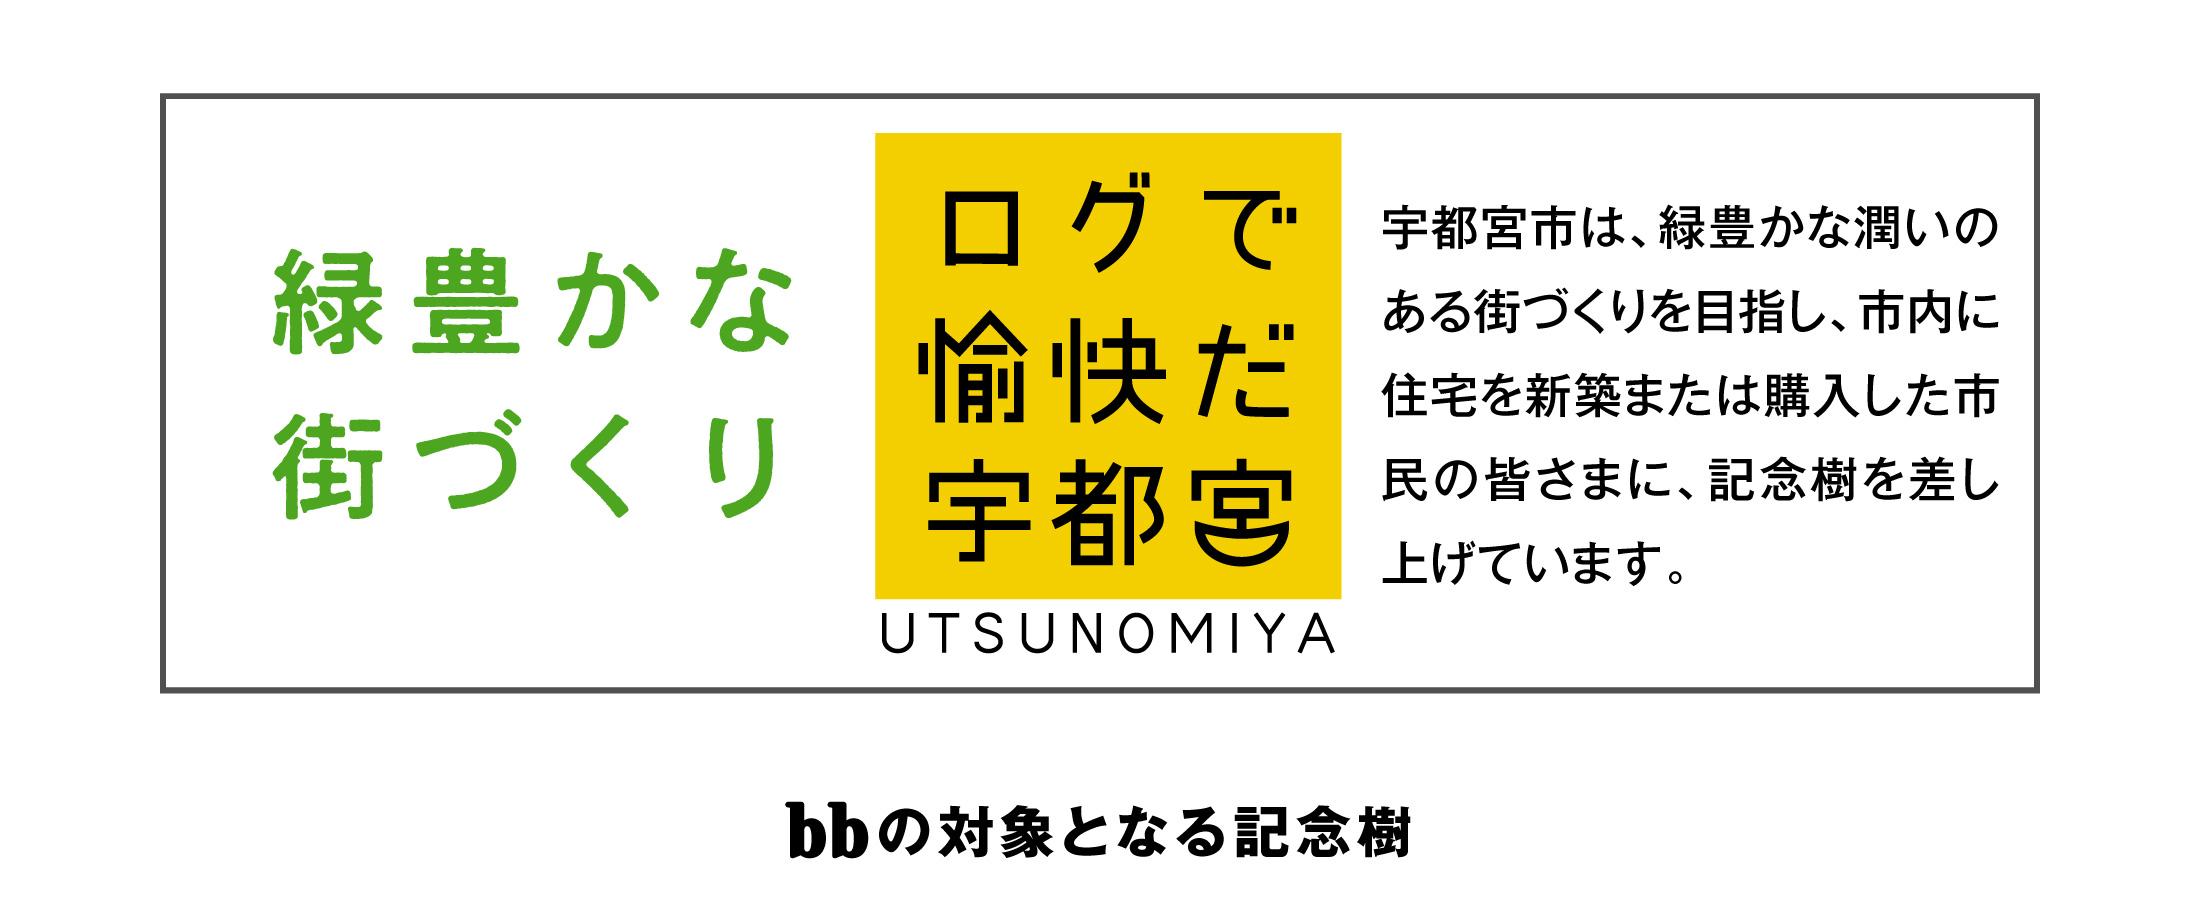 栃木県宇都宮市,緑豊かな街づくり